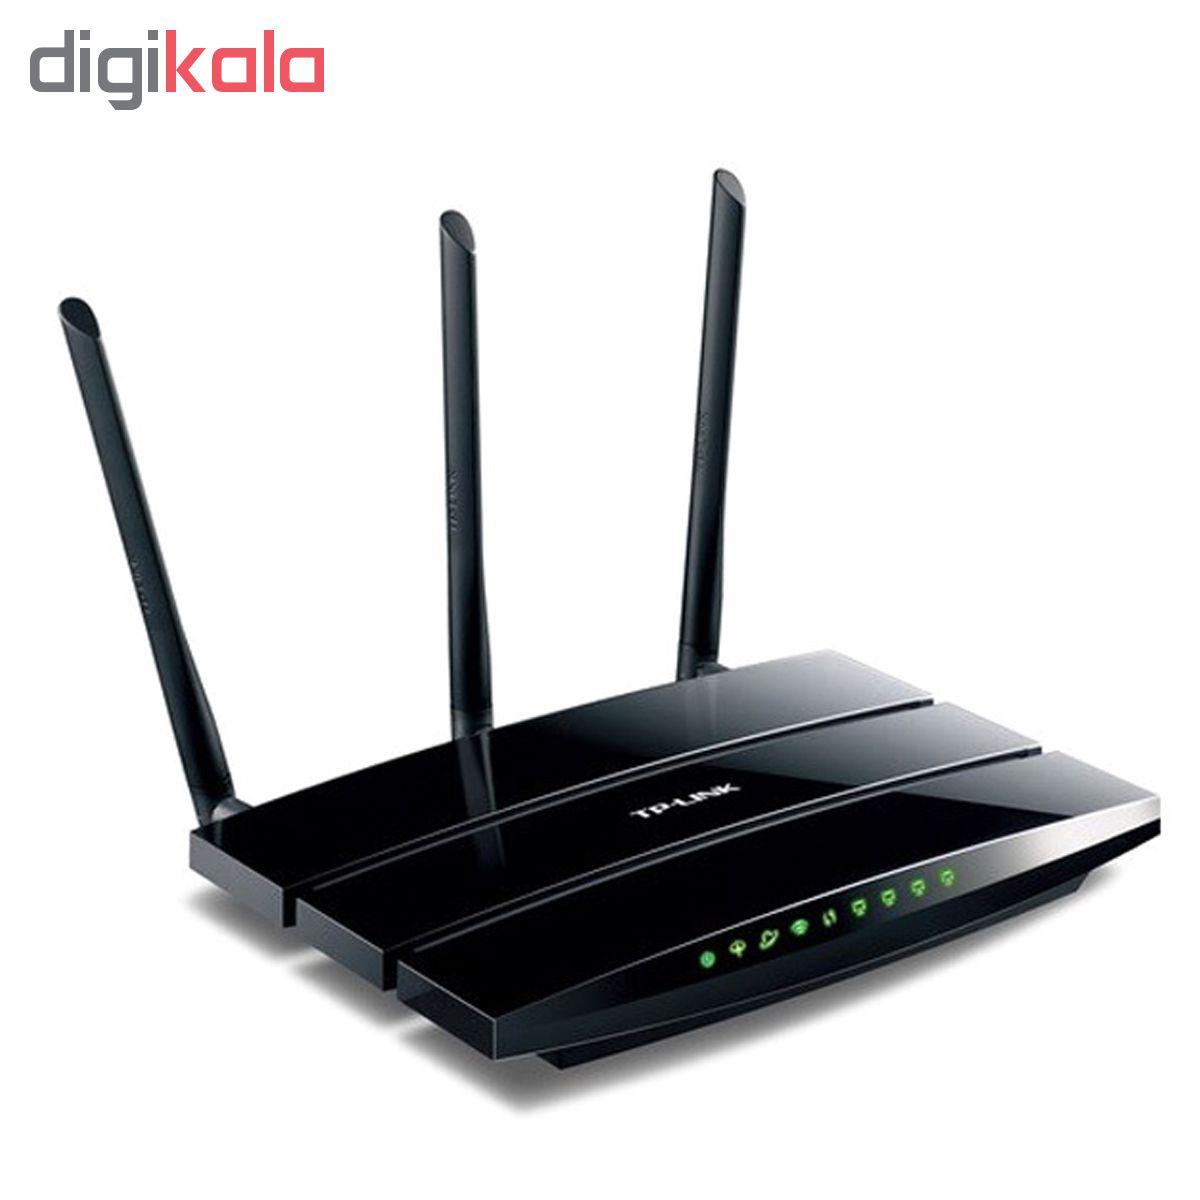 مودم روتر ADSL2 Plus بی سیم تی پی-لینک مدل TD-W8970